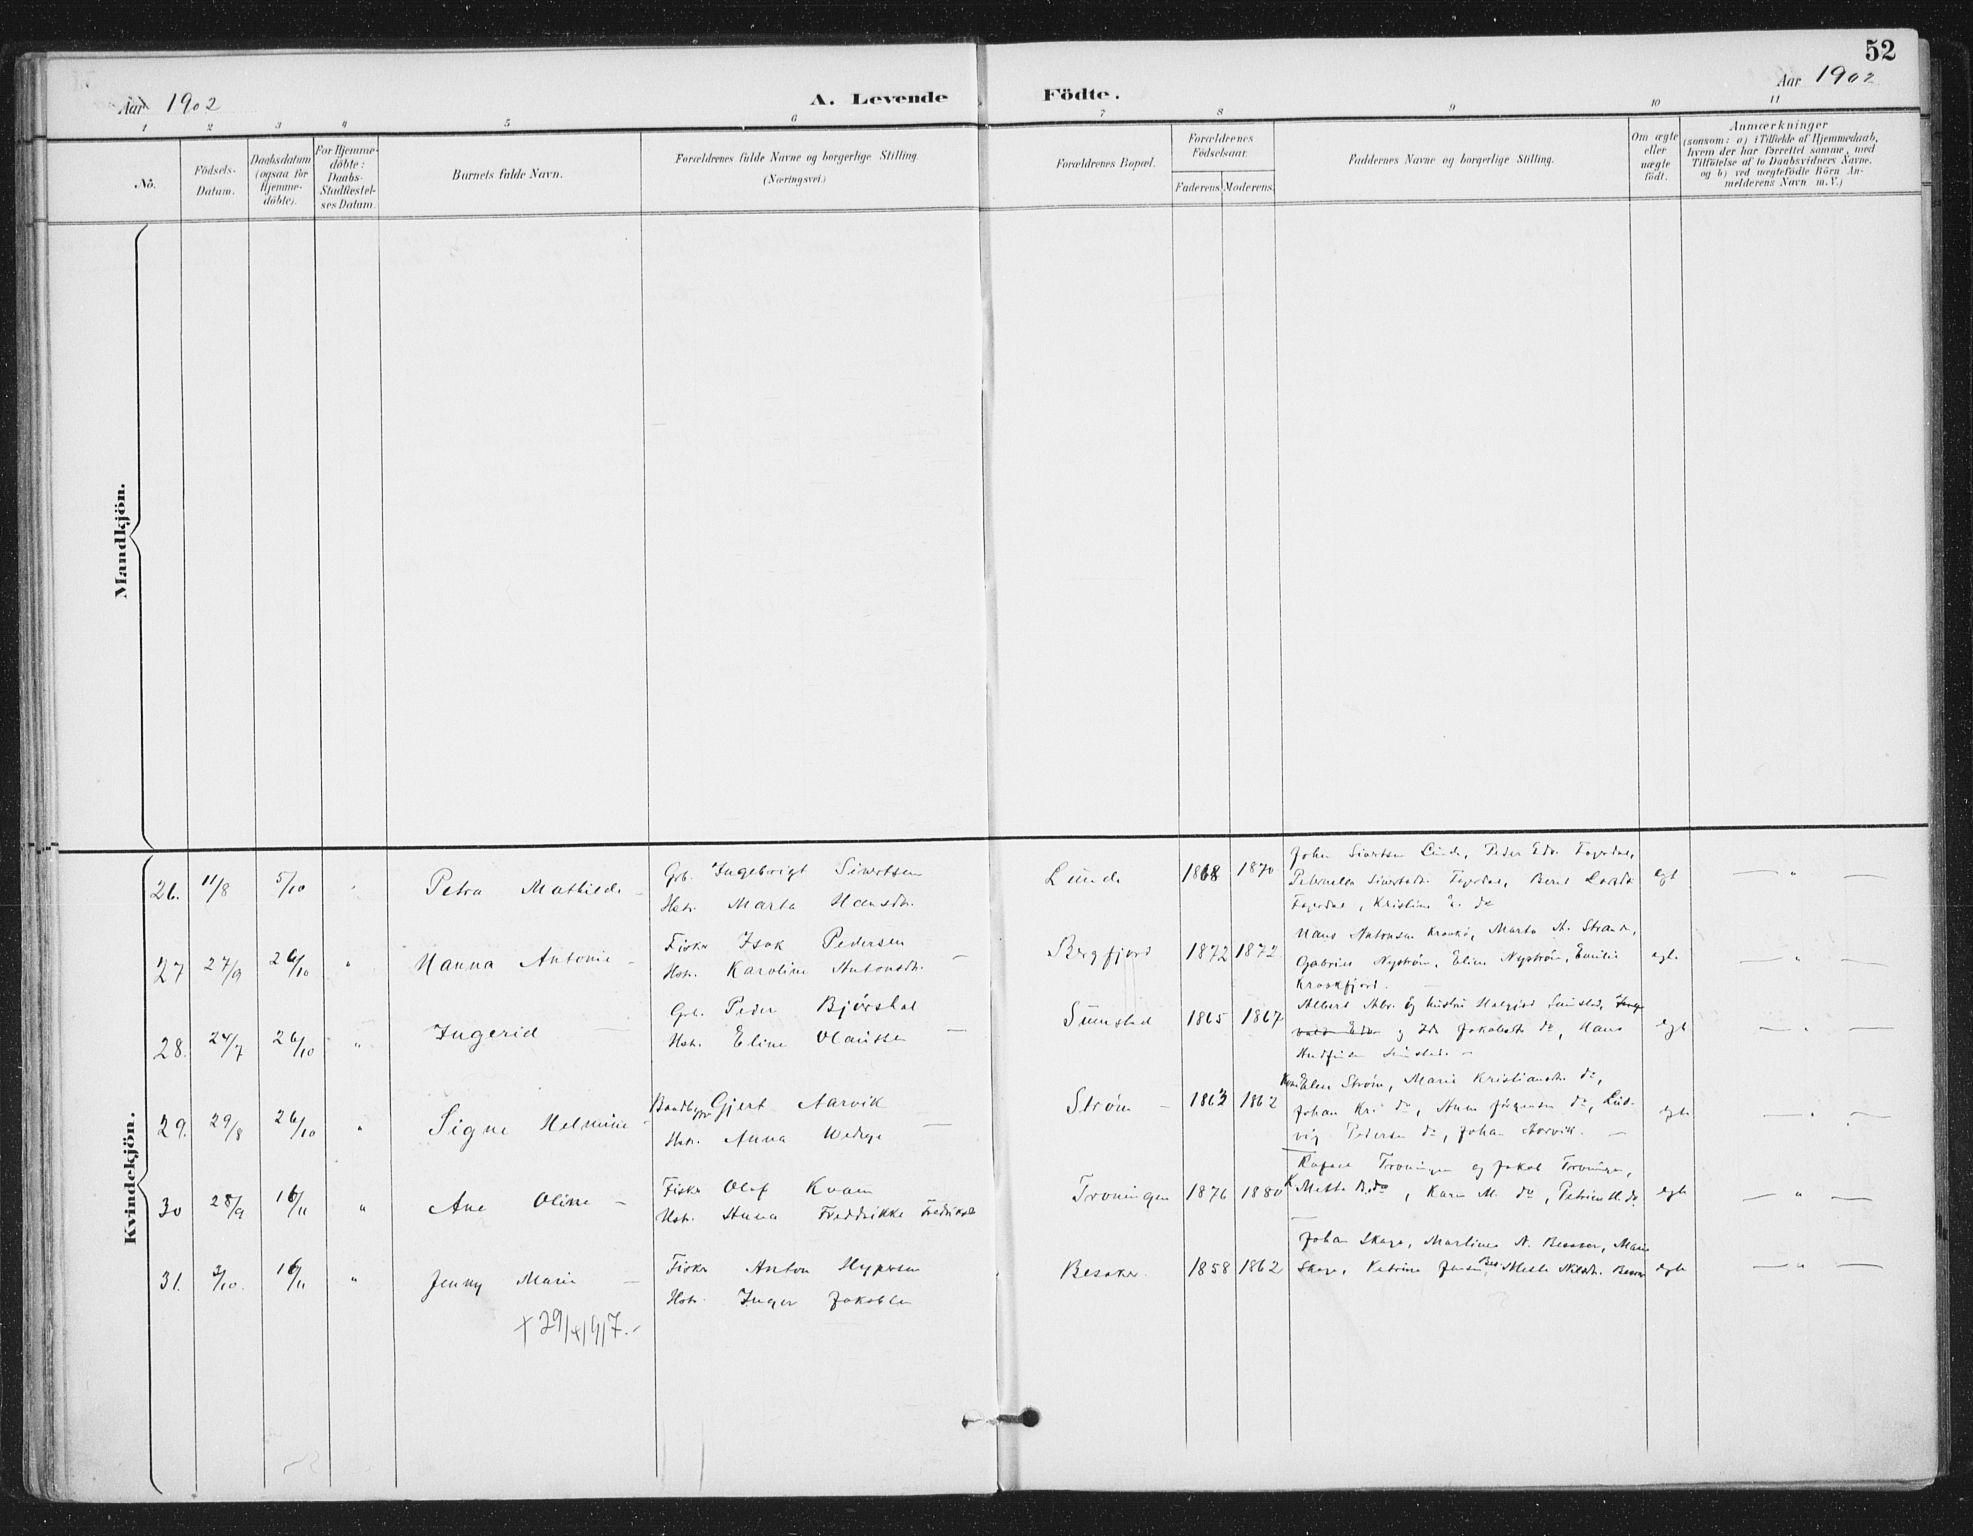 SAT, Ministerialprotokoller, klokkerbøker og fødselsregistre - Sør-Trøndelag, 657/L0708: Ministerialbok nr. 657A09, 1894-1904, s. 52